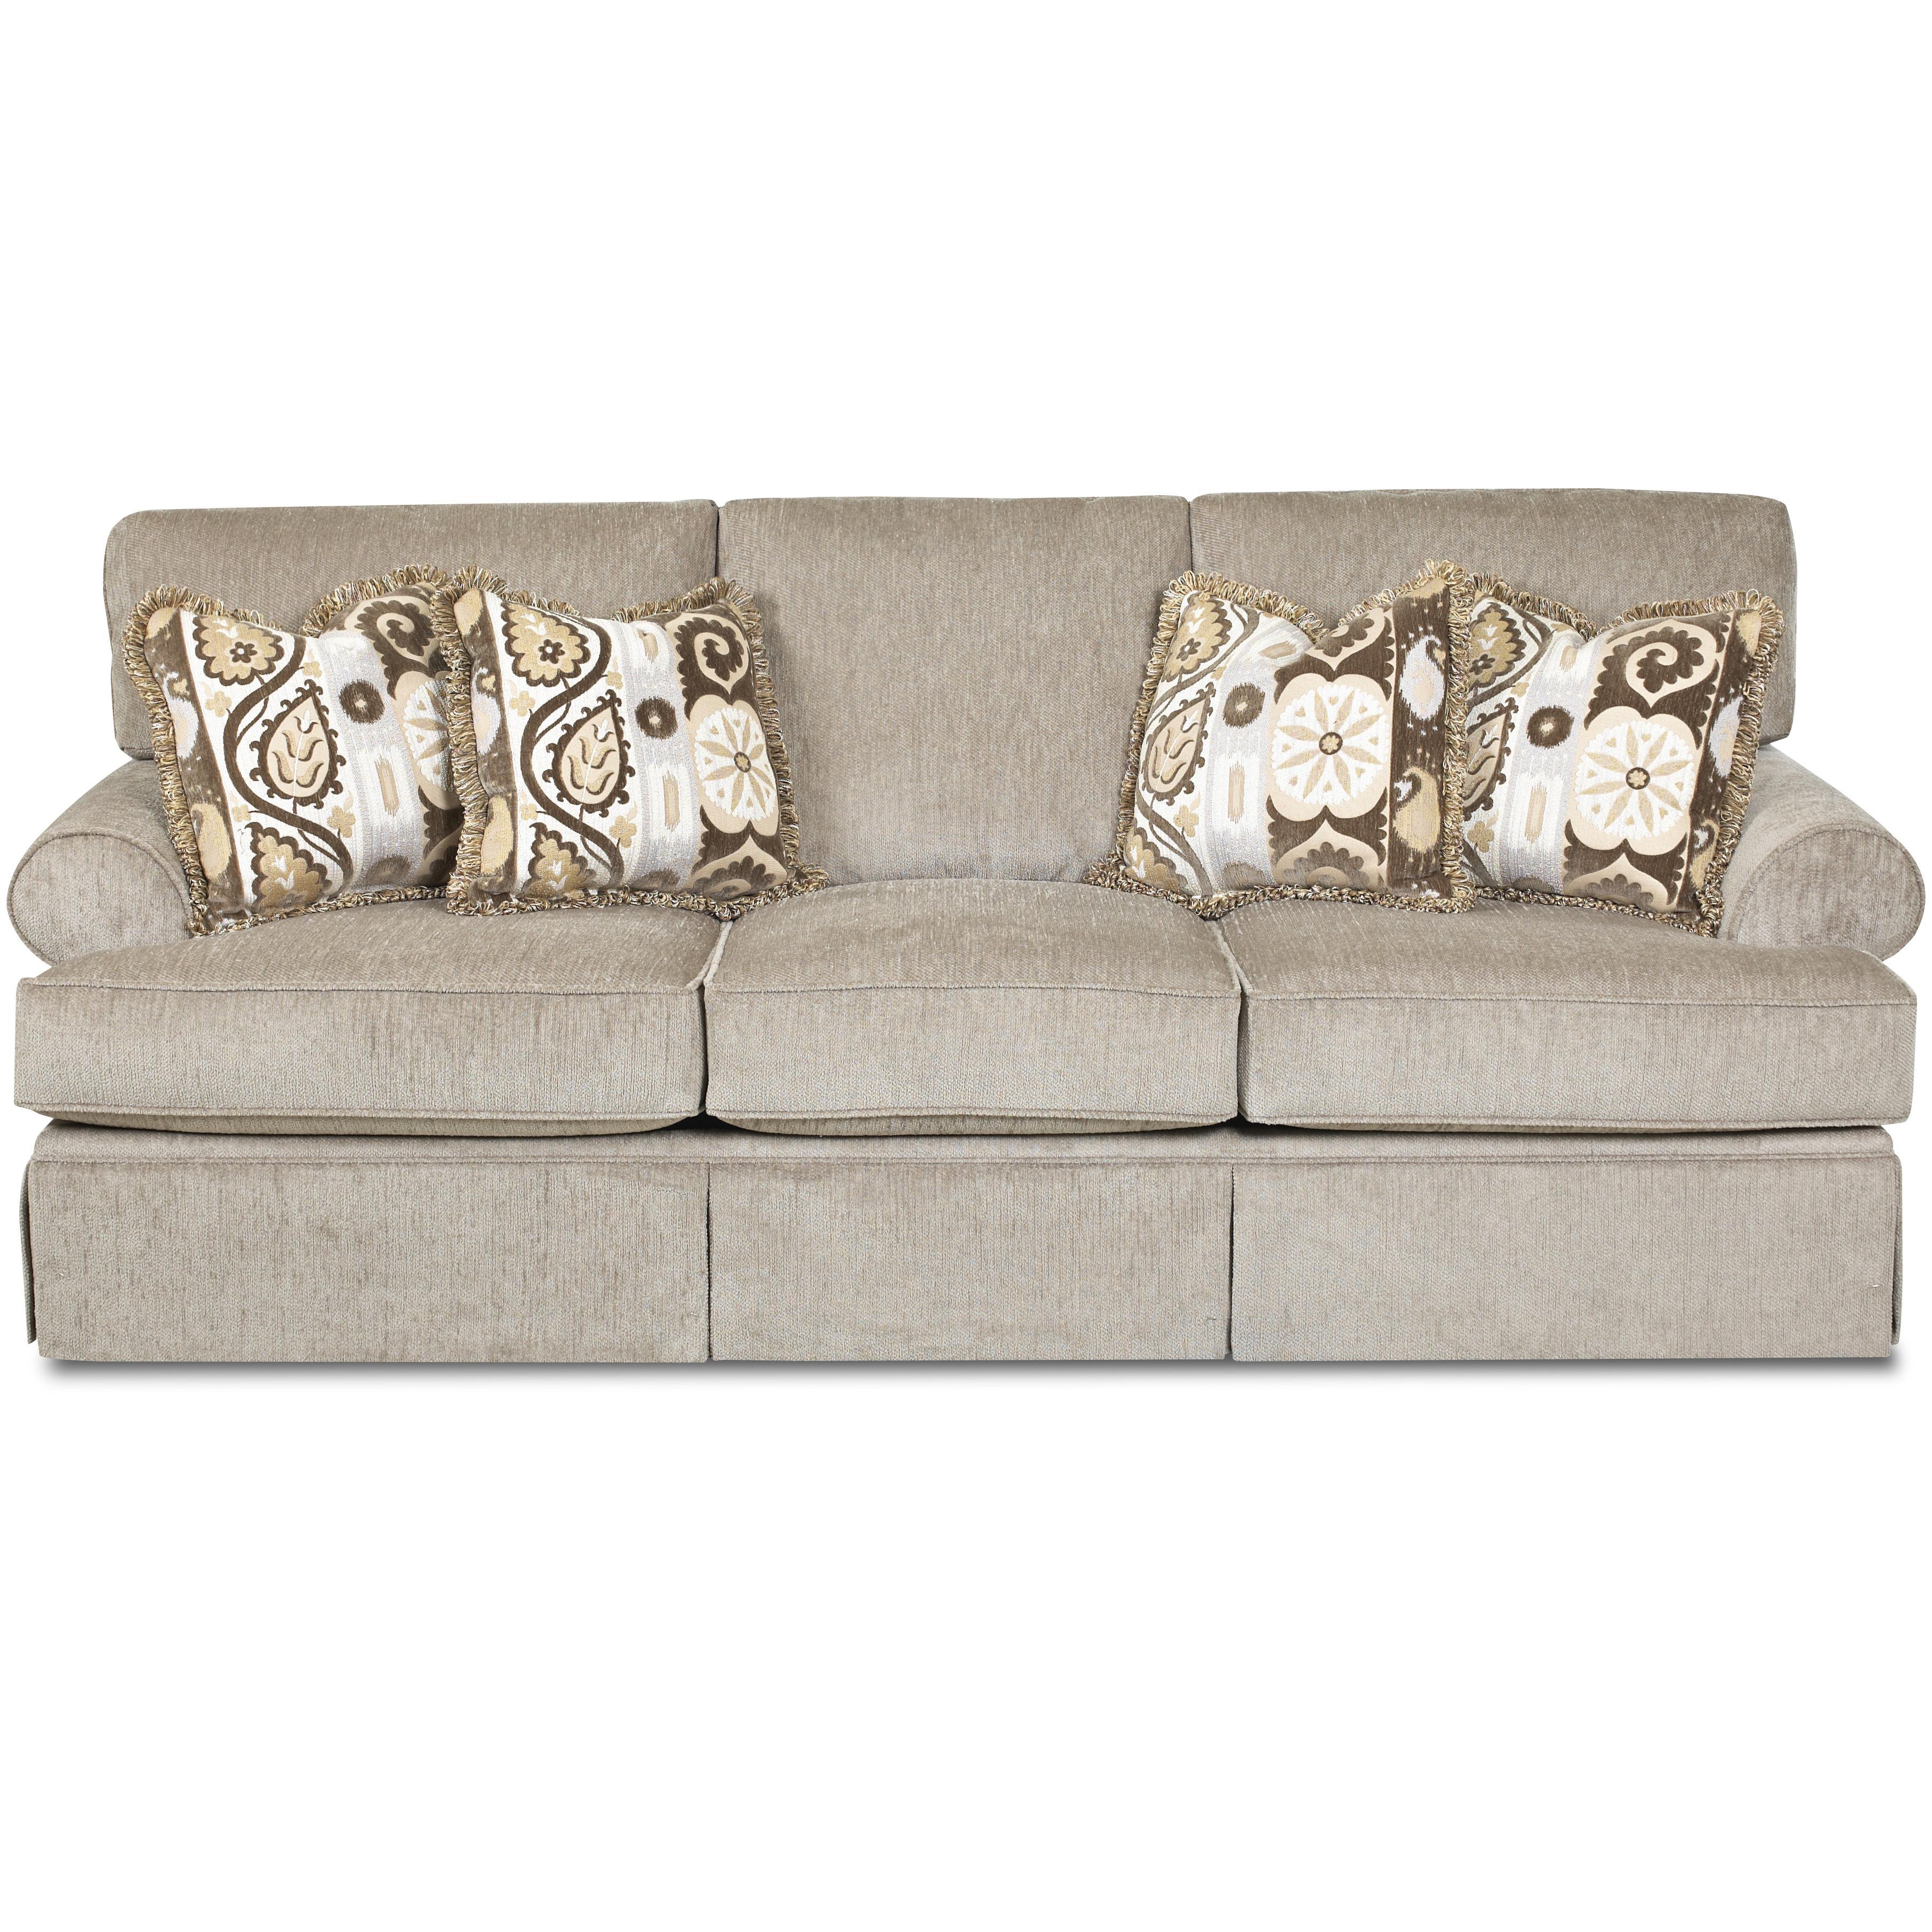 Casual Air Coil Queen Mattress Sofa Sleeper